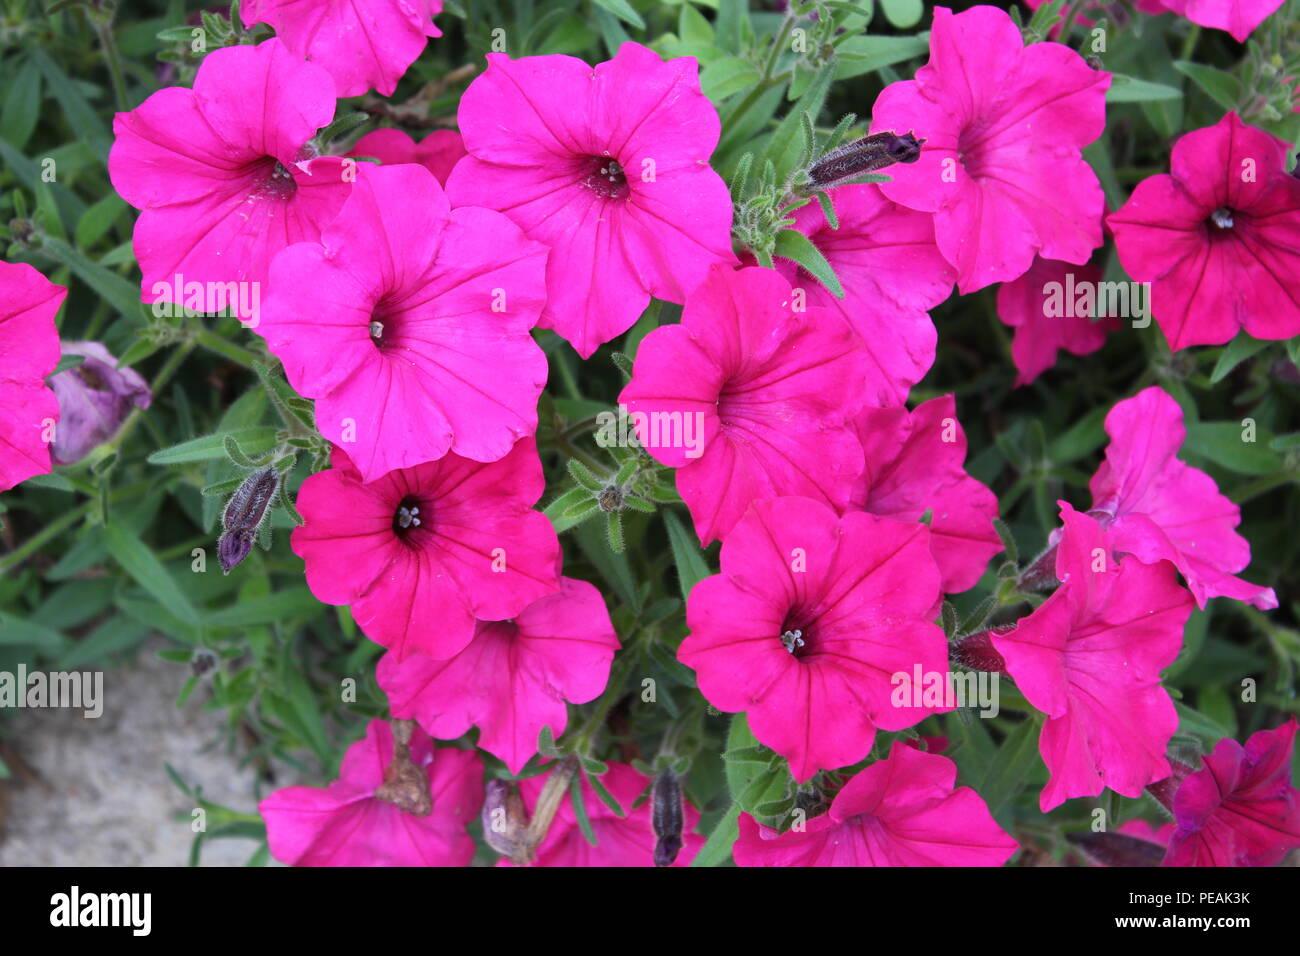 Roter Röhrenkorne-Stern Exotische Ebenholz-Babes